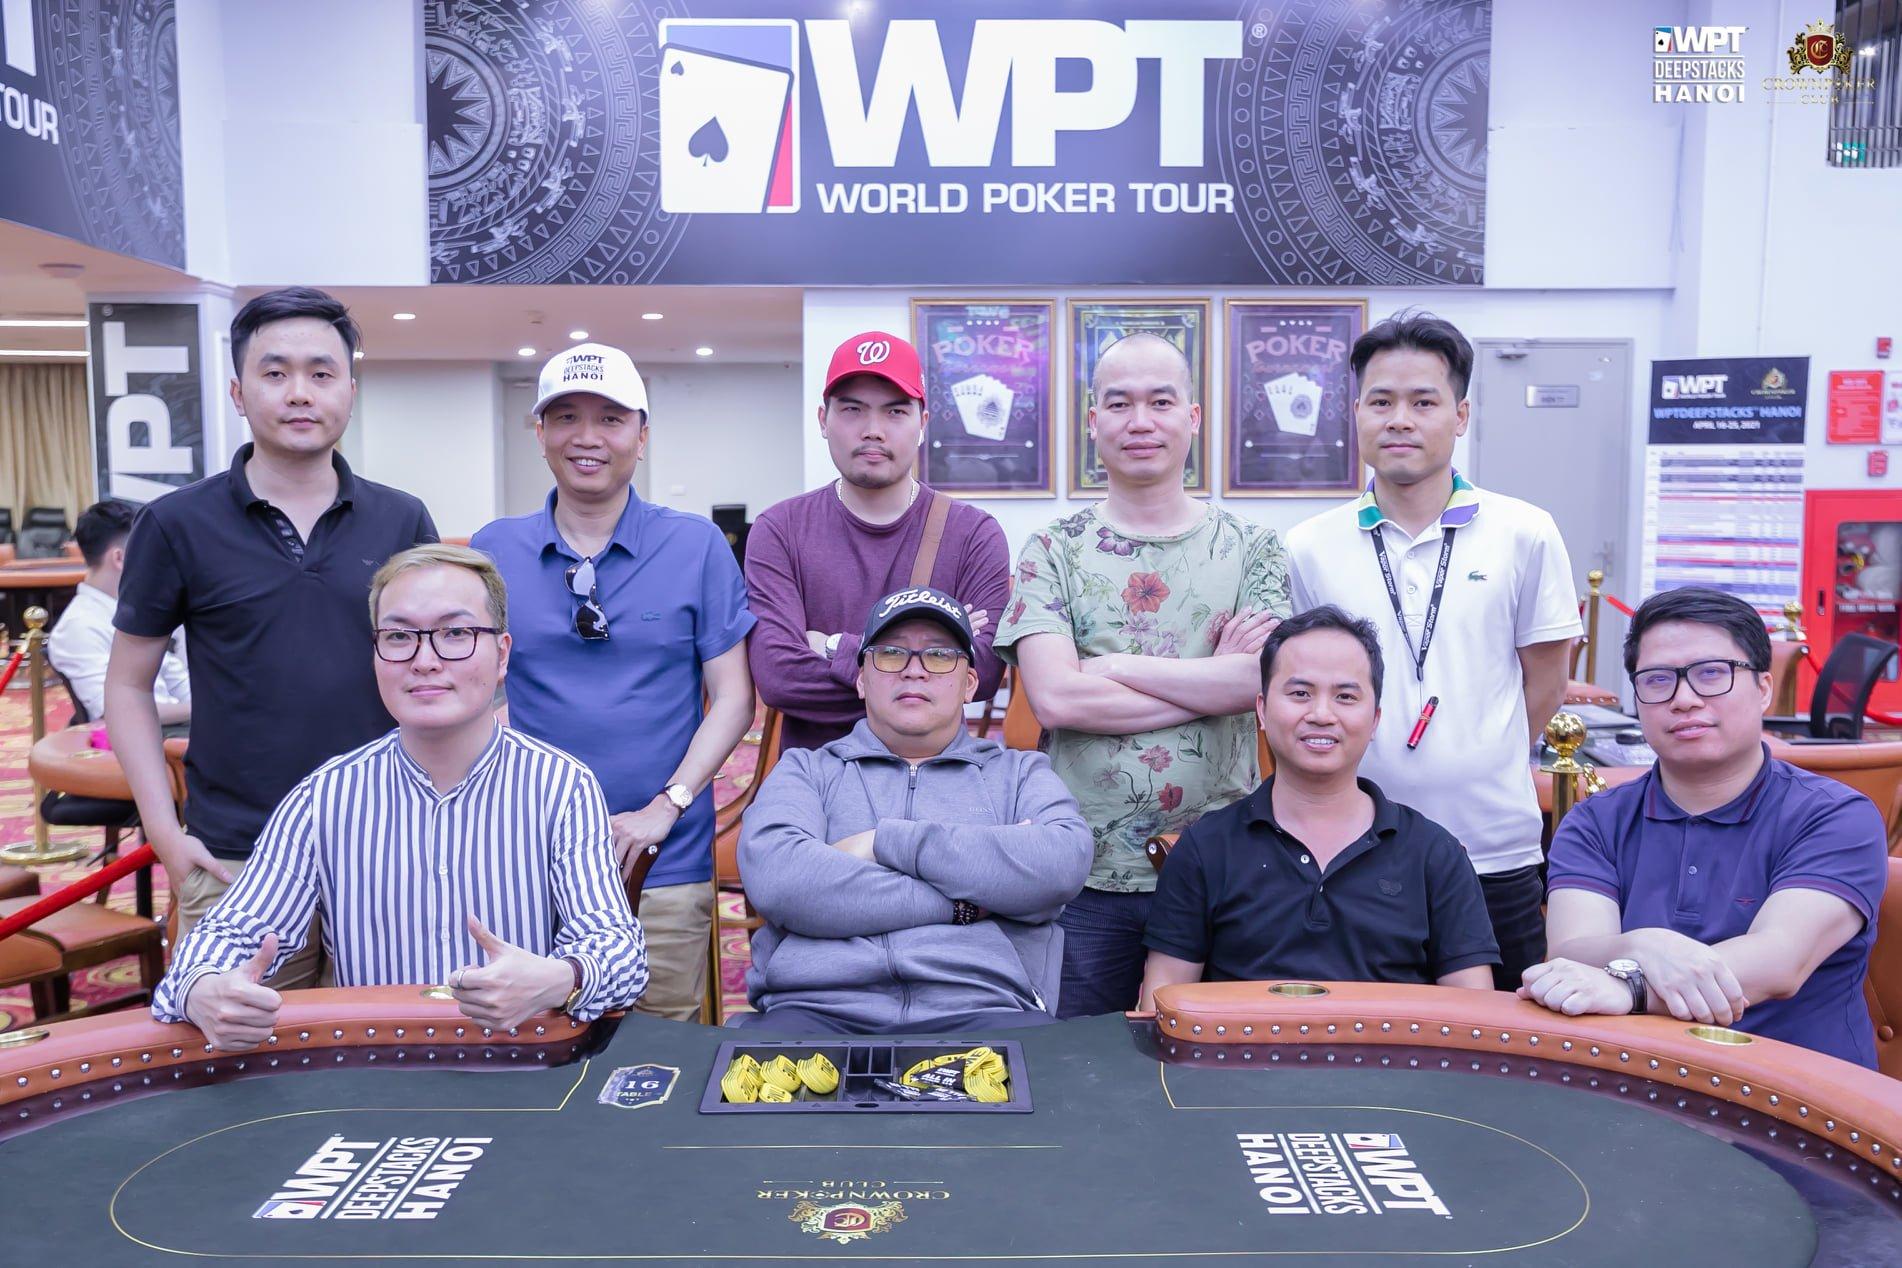 WPTDeepStacks Hanoi: Main Event final 9 players; HR draws 61 entries, pot nears VNđ 2BN, reg still open; final day Megastack Finale VNđ 300M gtd